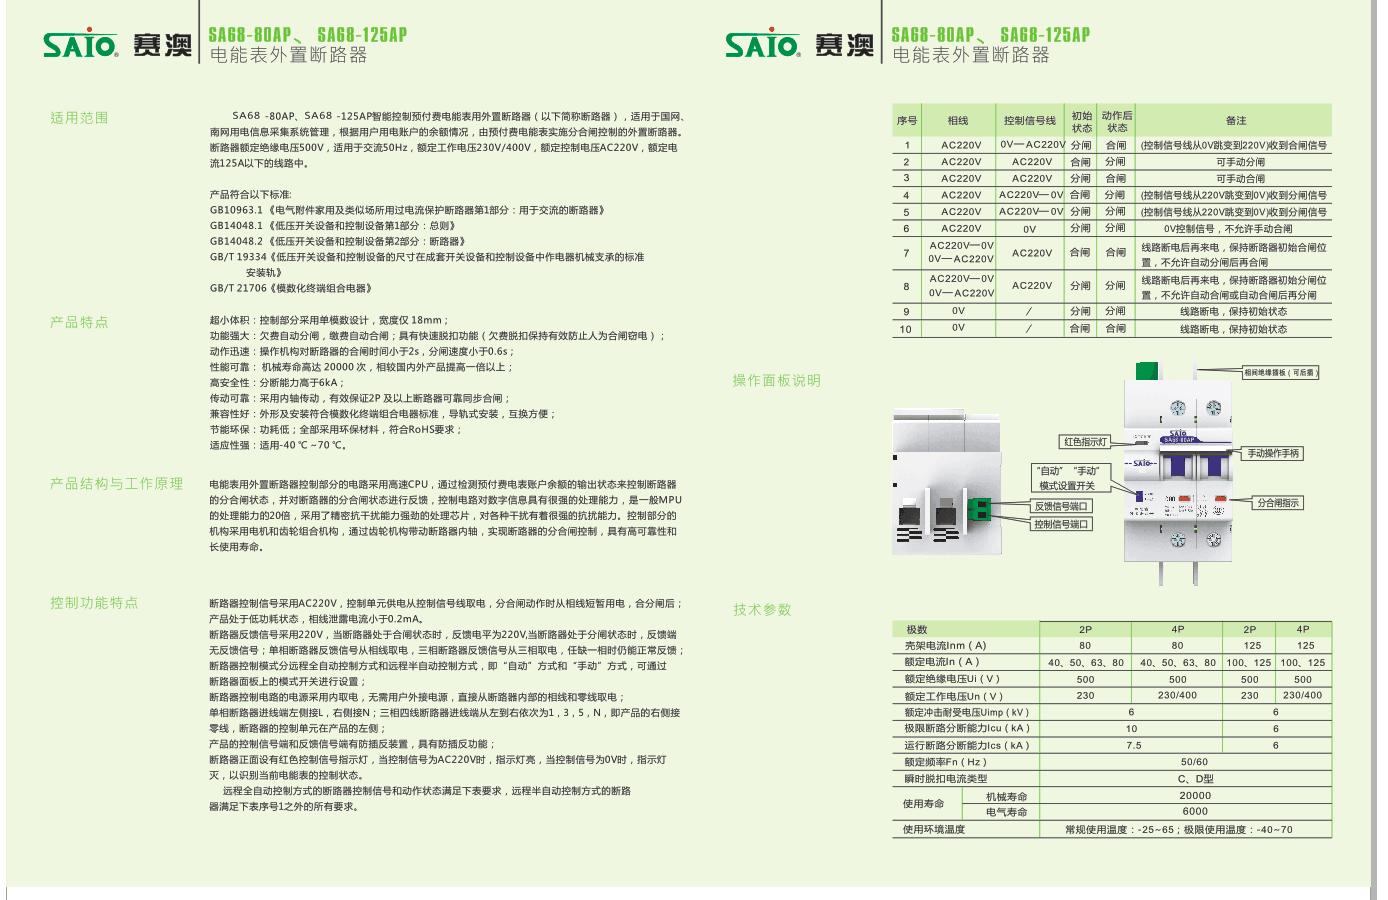 SA68-80AP.2